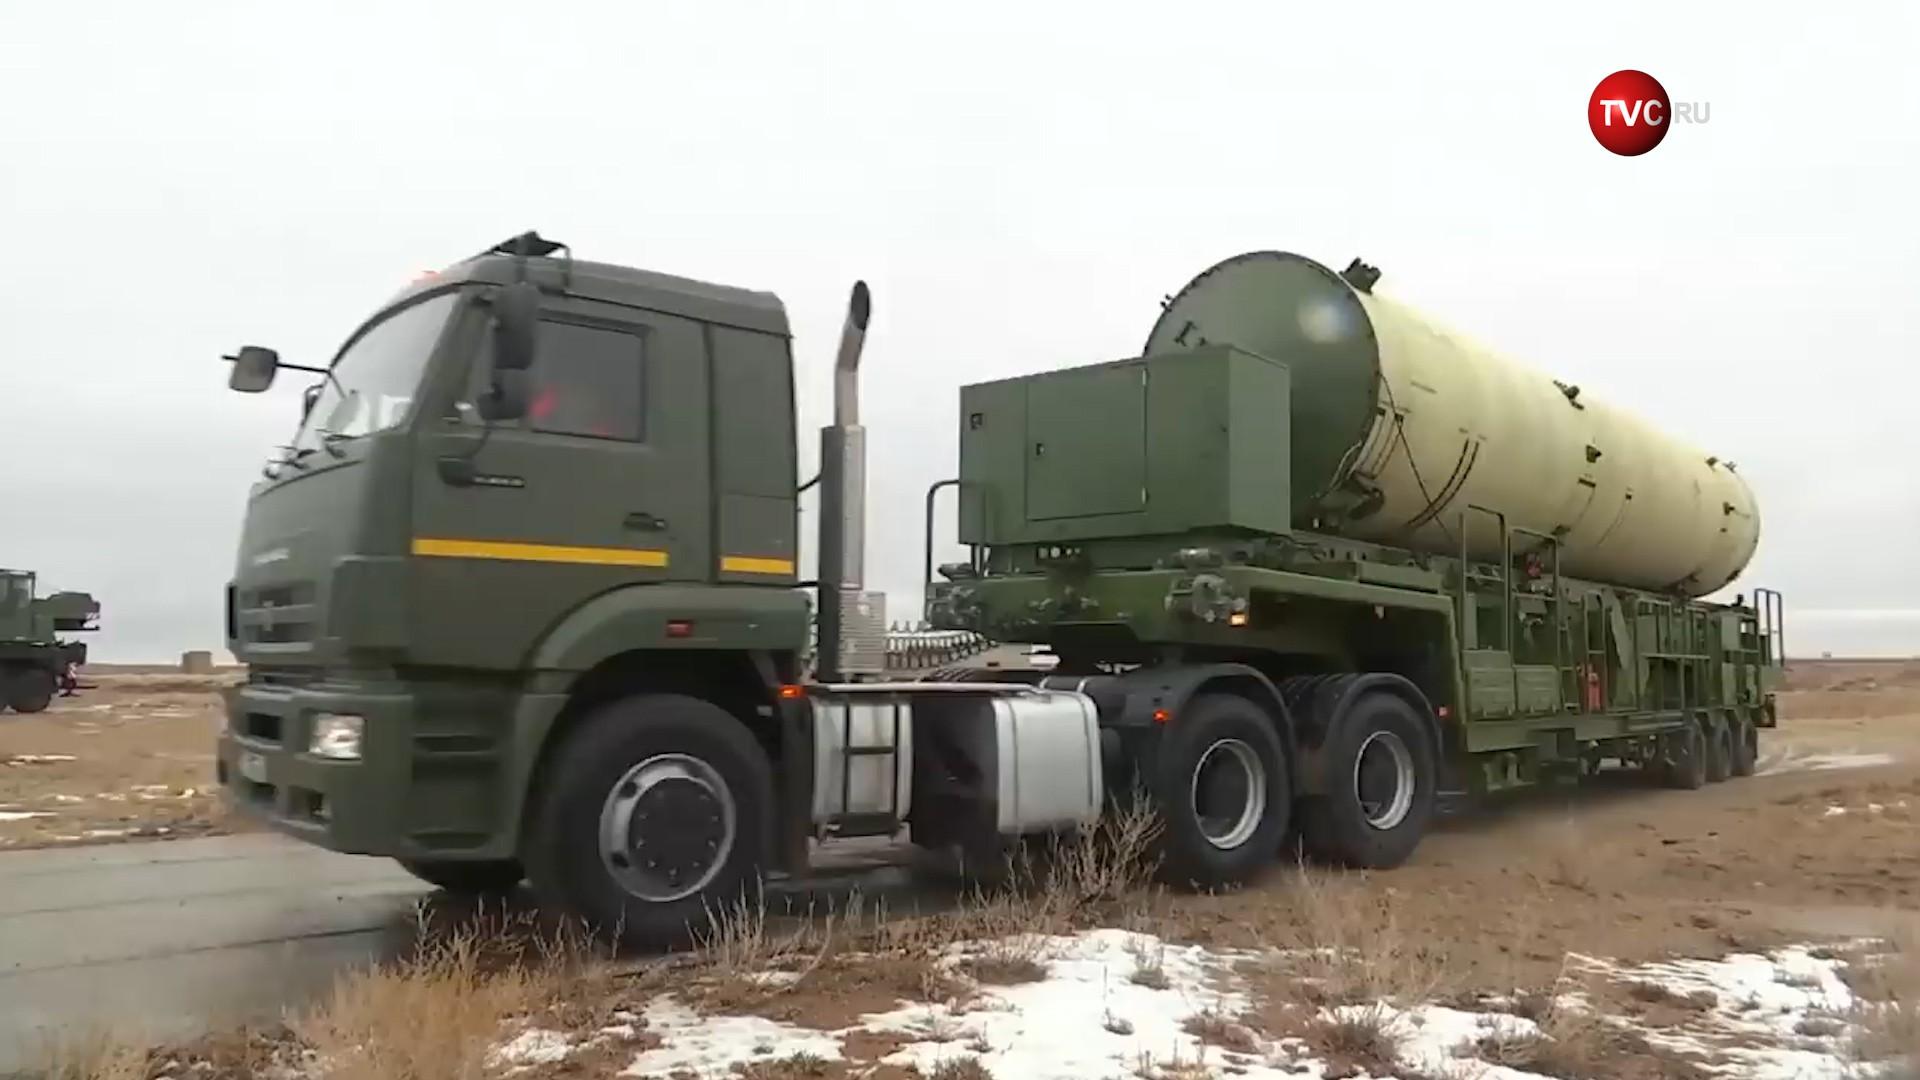 Подготовка к пуску ракеты системы противоракетной обороны (ПРО)